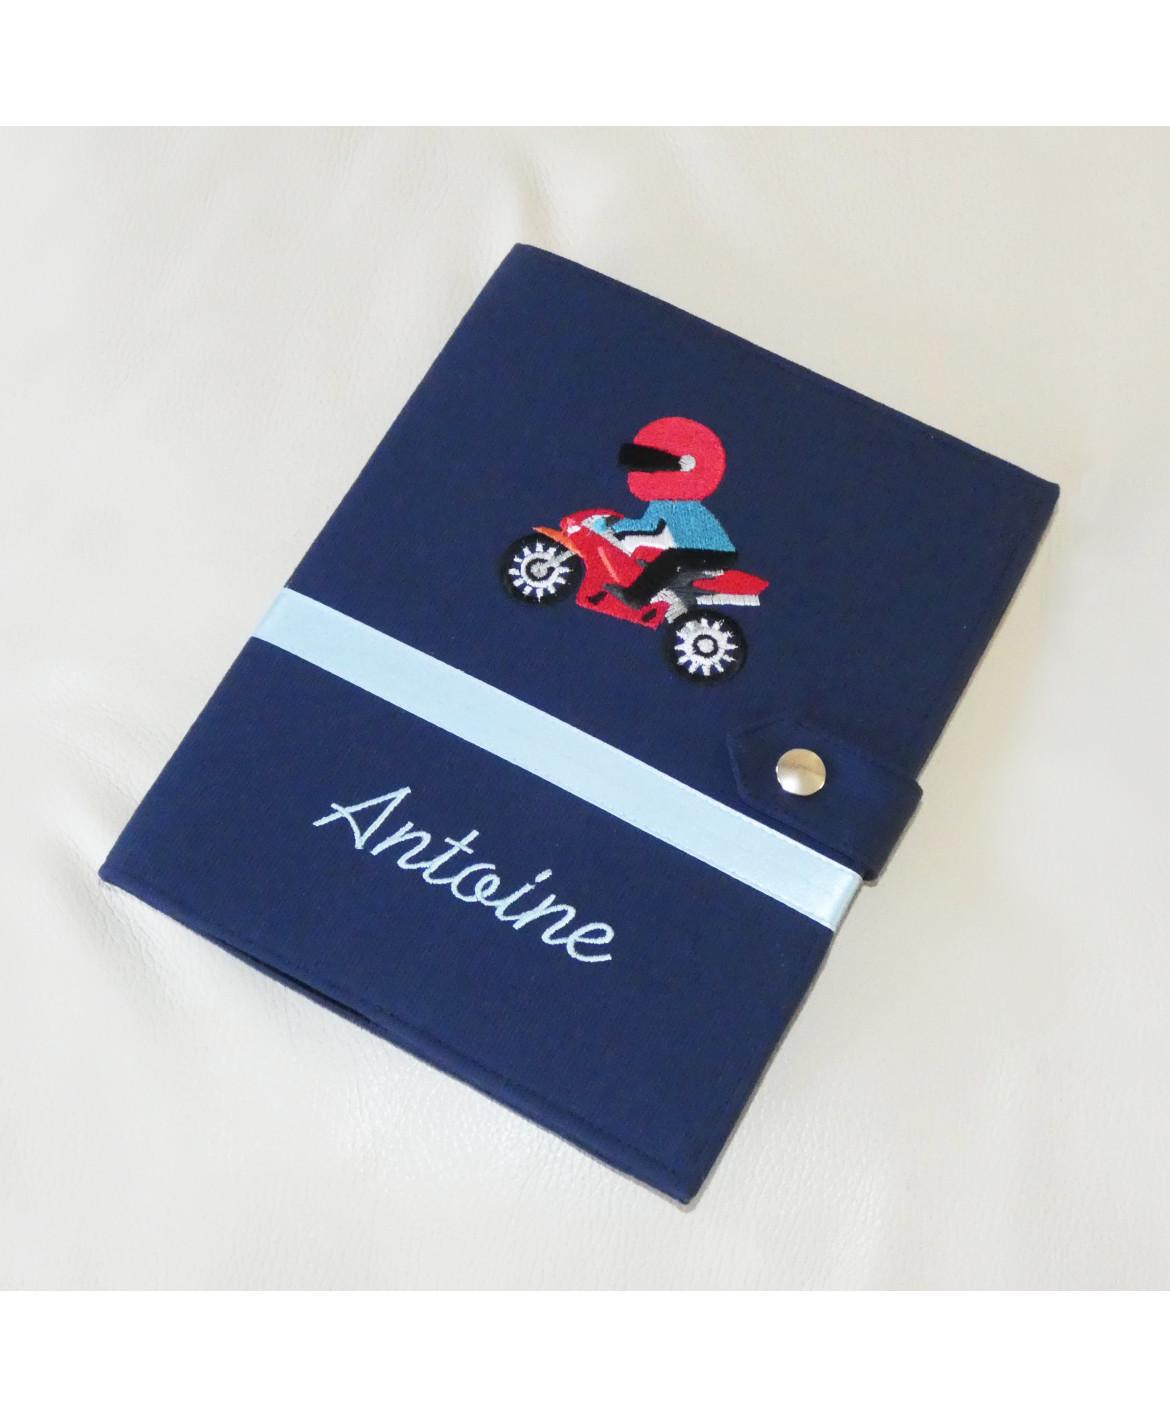 Protège carnet de santé rigide personnalisé - bleu marine - moto - Cadeau de naissance garçon